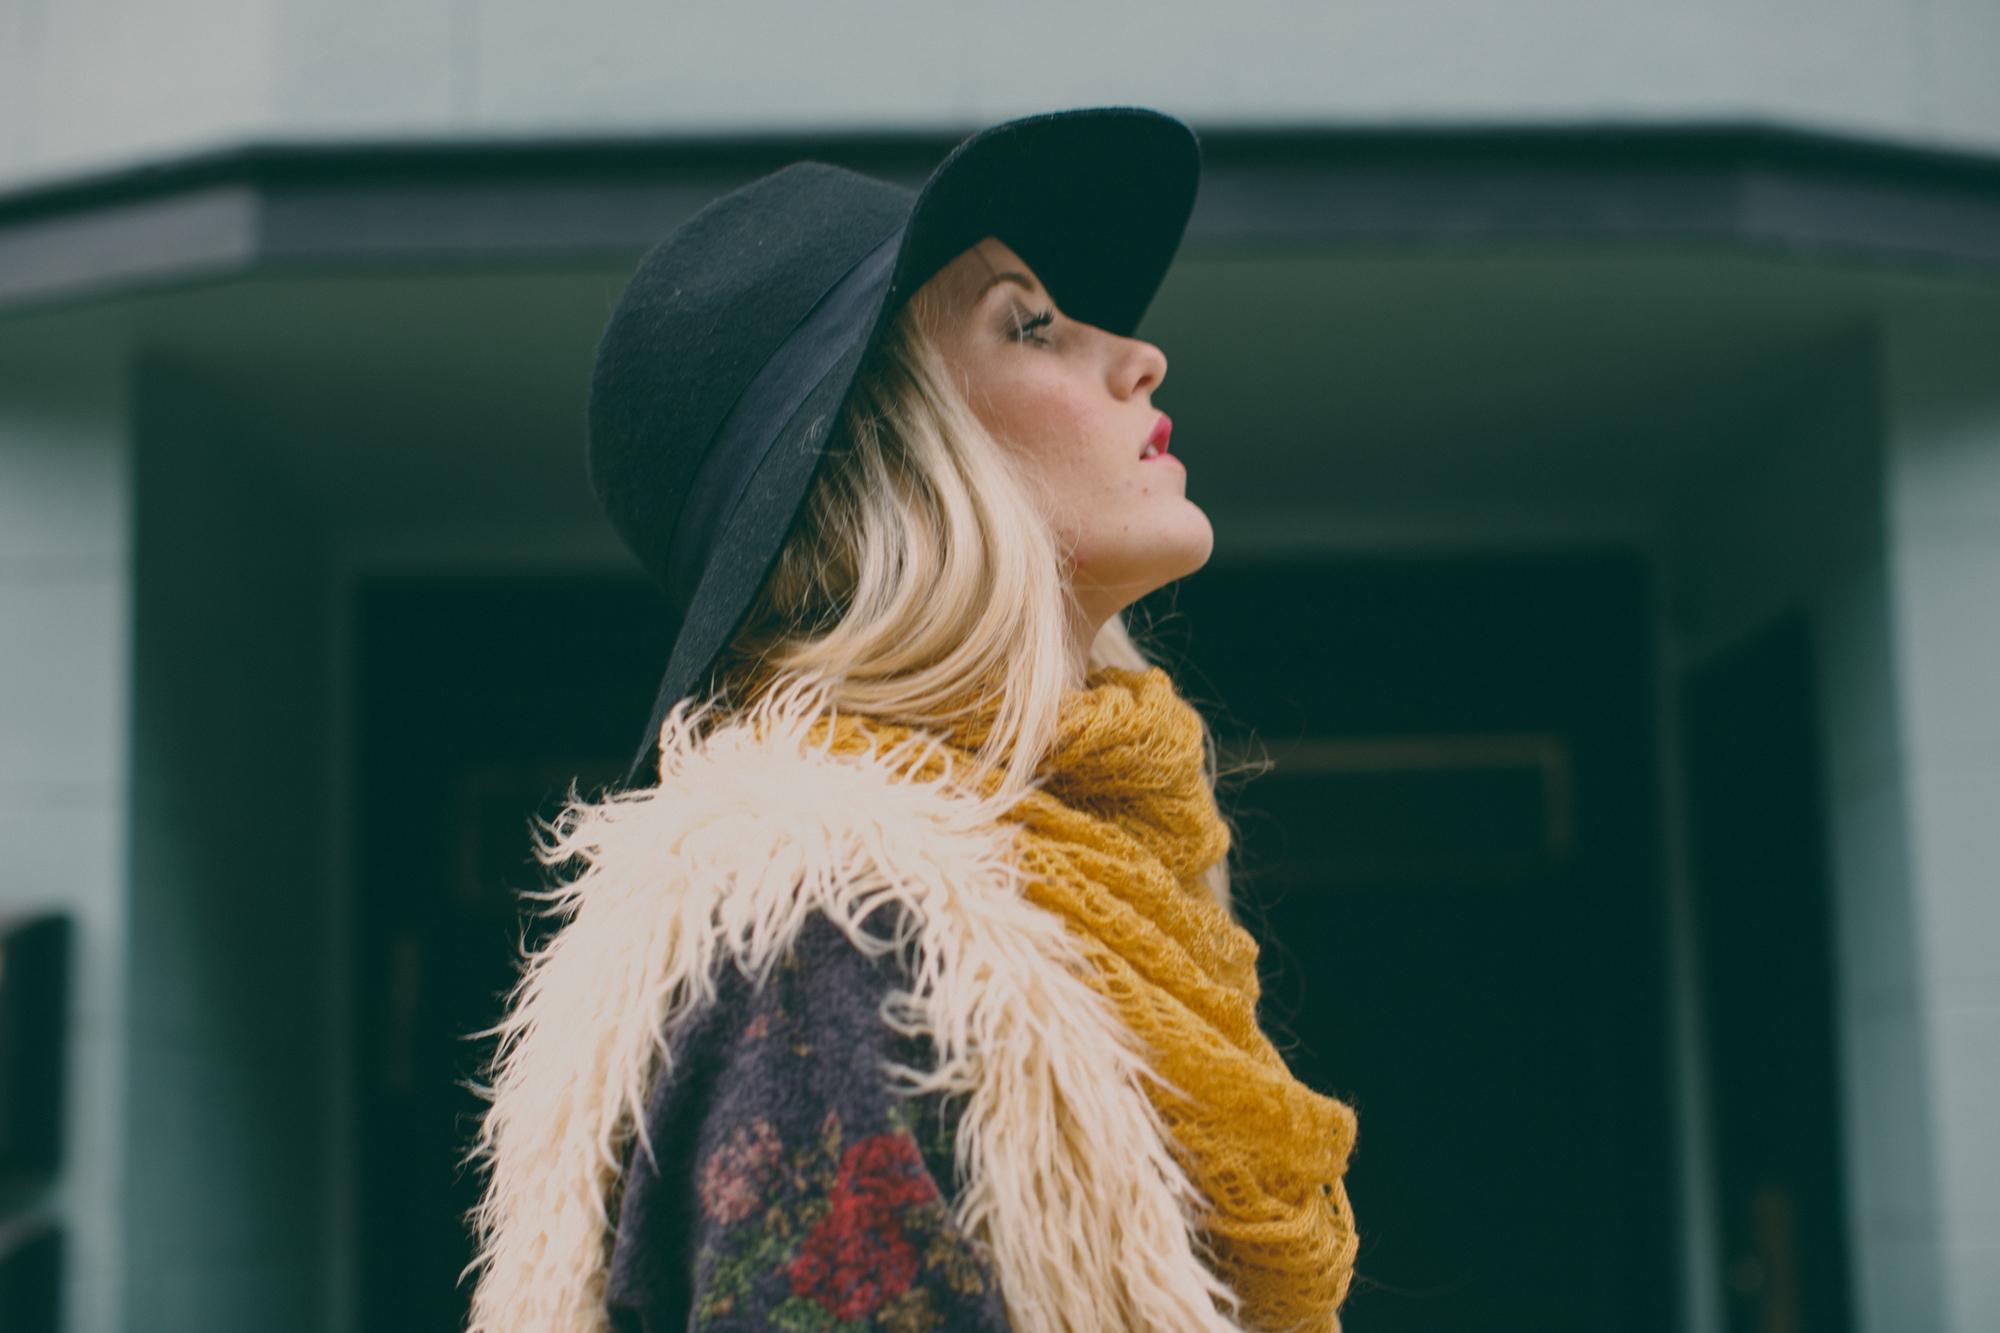 jennifer-skog-fashion-lifestyle-photographer-seduction-honest-styled-passion-003.jpg